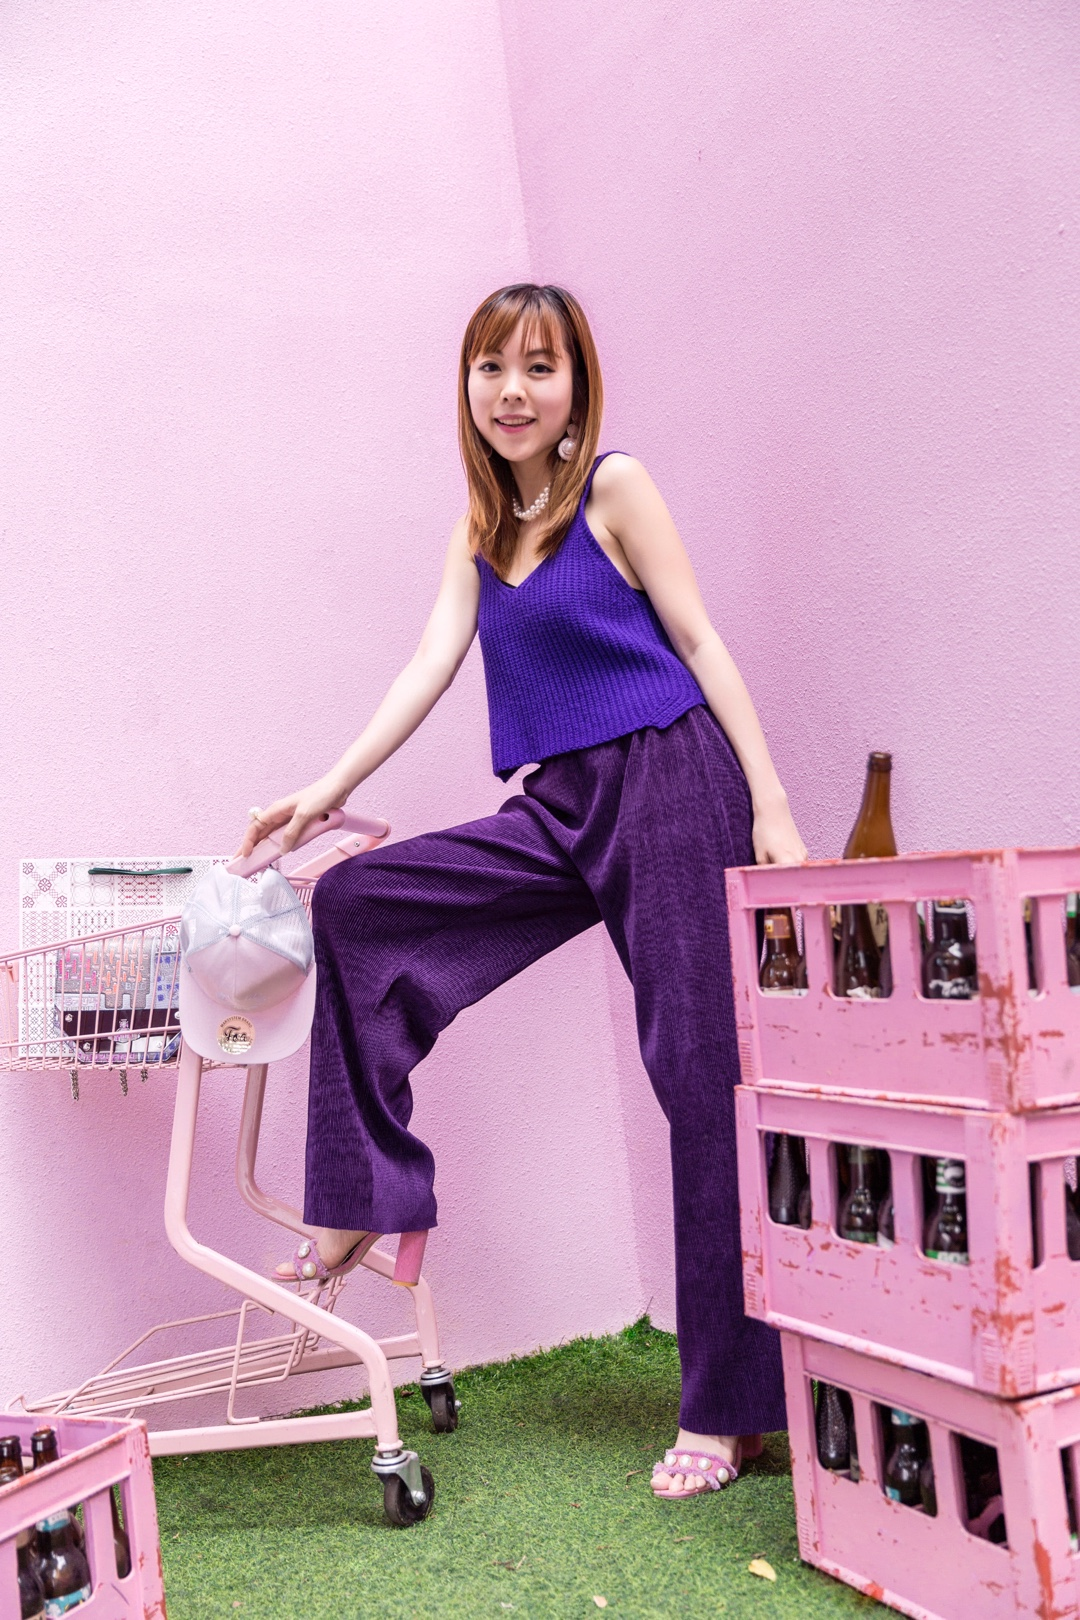 【夏日高饱和】@kymicochan Look86 充满活力的夏日,最适合缤纷靓丽的色彩,高饱和度的衣服是必不可少的造型哦。  特意去了一家网红咖啡厅探店穿搭,选了一套基调紫色的衣服,短背心+阔腿裤,利用紫色浓度的变化营造层次感,而且特显腿长。  加上同色系的viviennewestwood的几何包包(我的最爱),和粉色珍珠凉鞋,既甜美又活力~~  #夏日亮色系怎么穿才好看?#